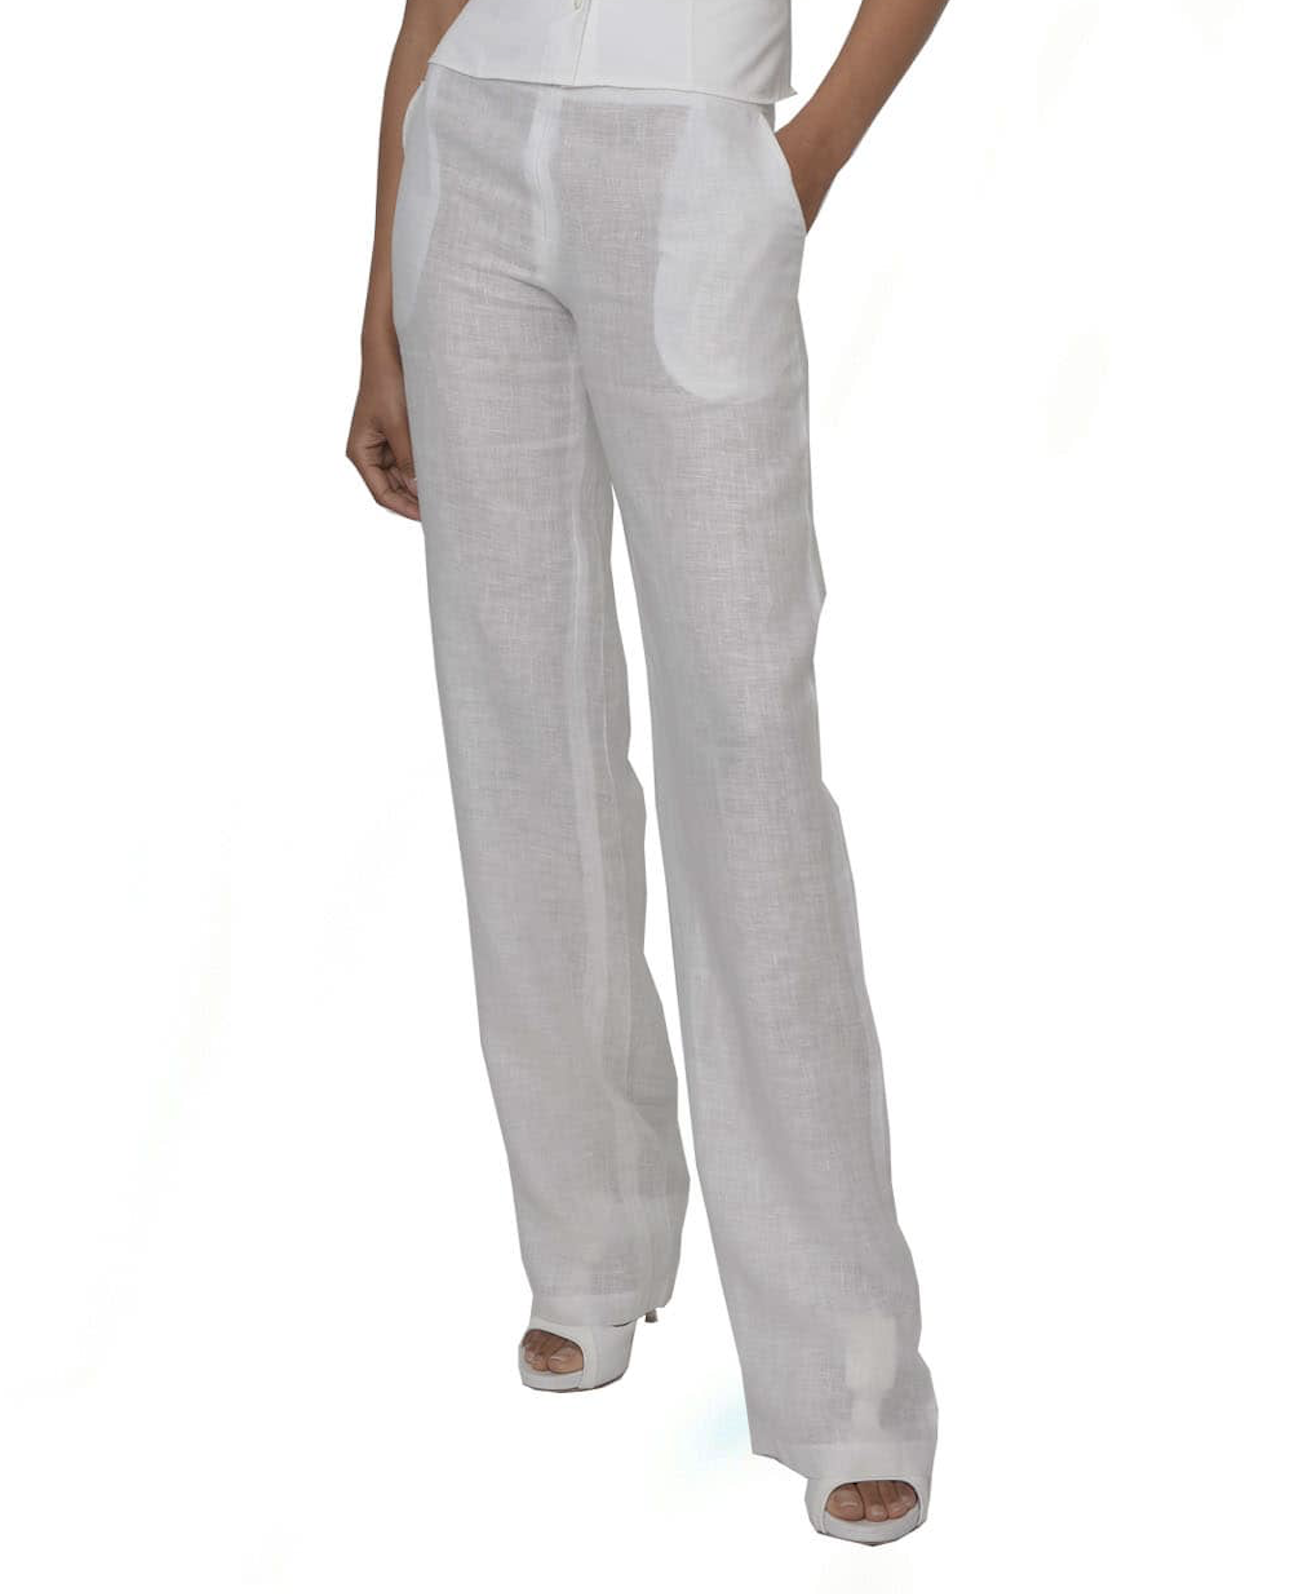 Trousers OCTANS 4